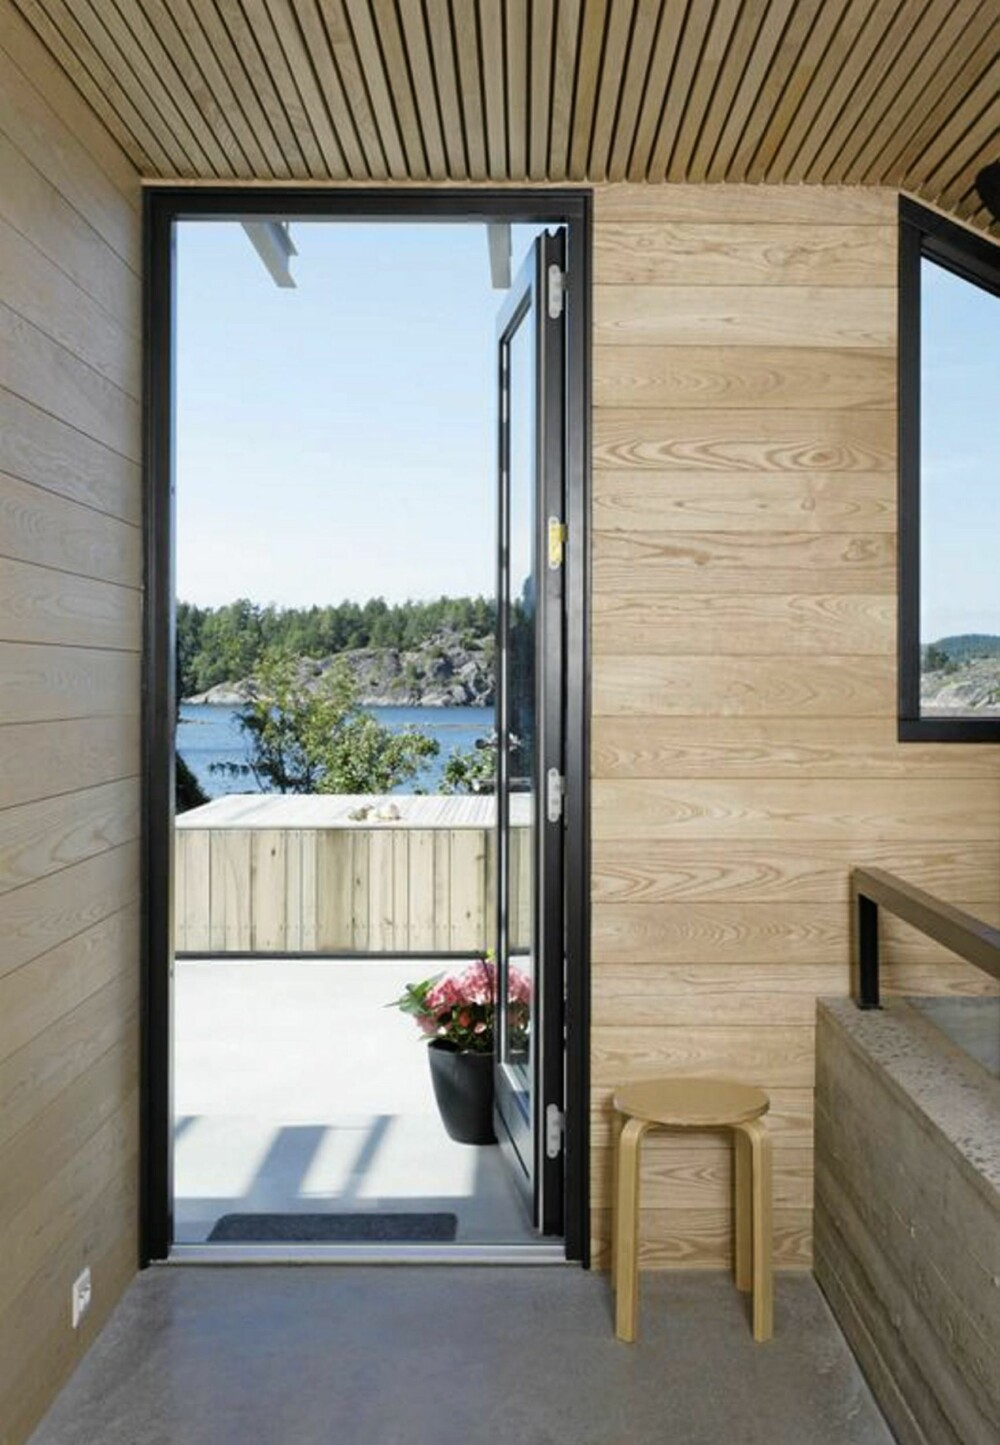 STORE VISJONER: Innefra toppen av huset med skråtaket er det også utmerket utsikt over landskapet.